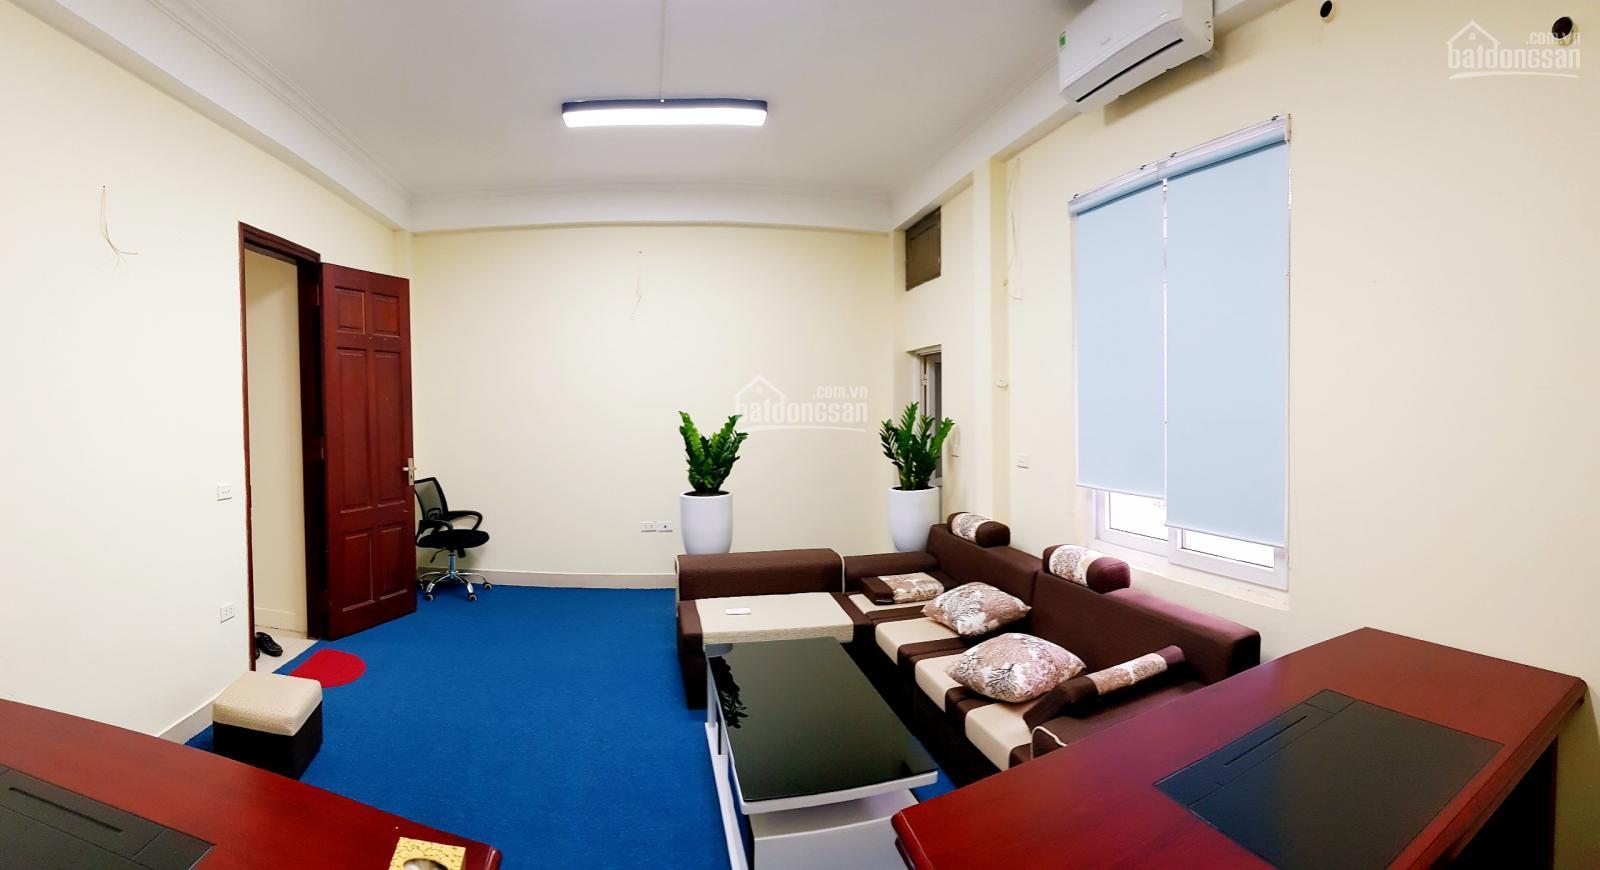 Cho thuê VP tòa nhà TP Office 225A Nguyễn Ngọc Vũ, DT 35m2, VS riêng, thang máy. Giá: 5 triệu/th